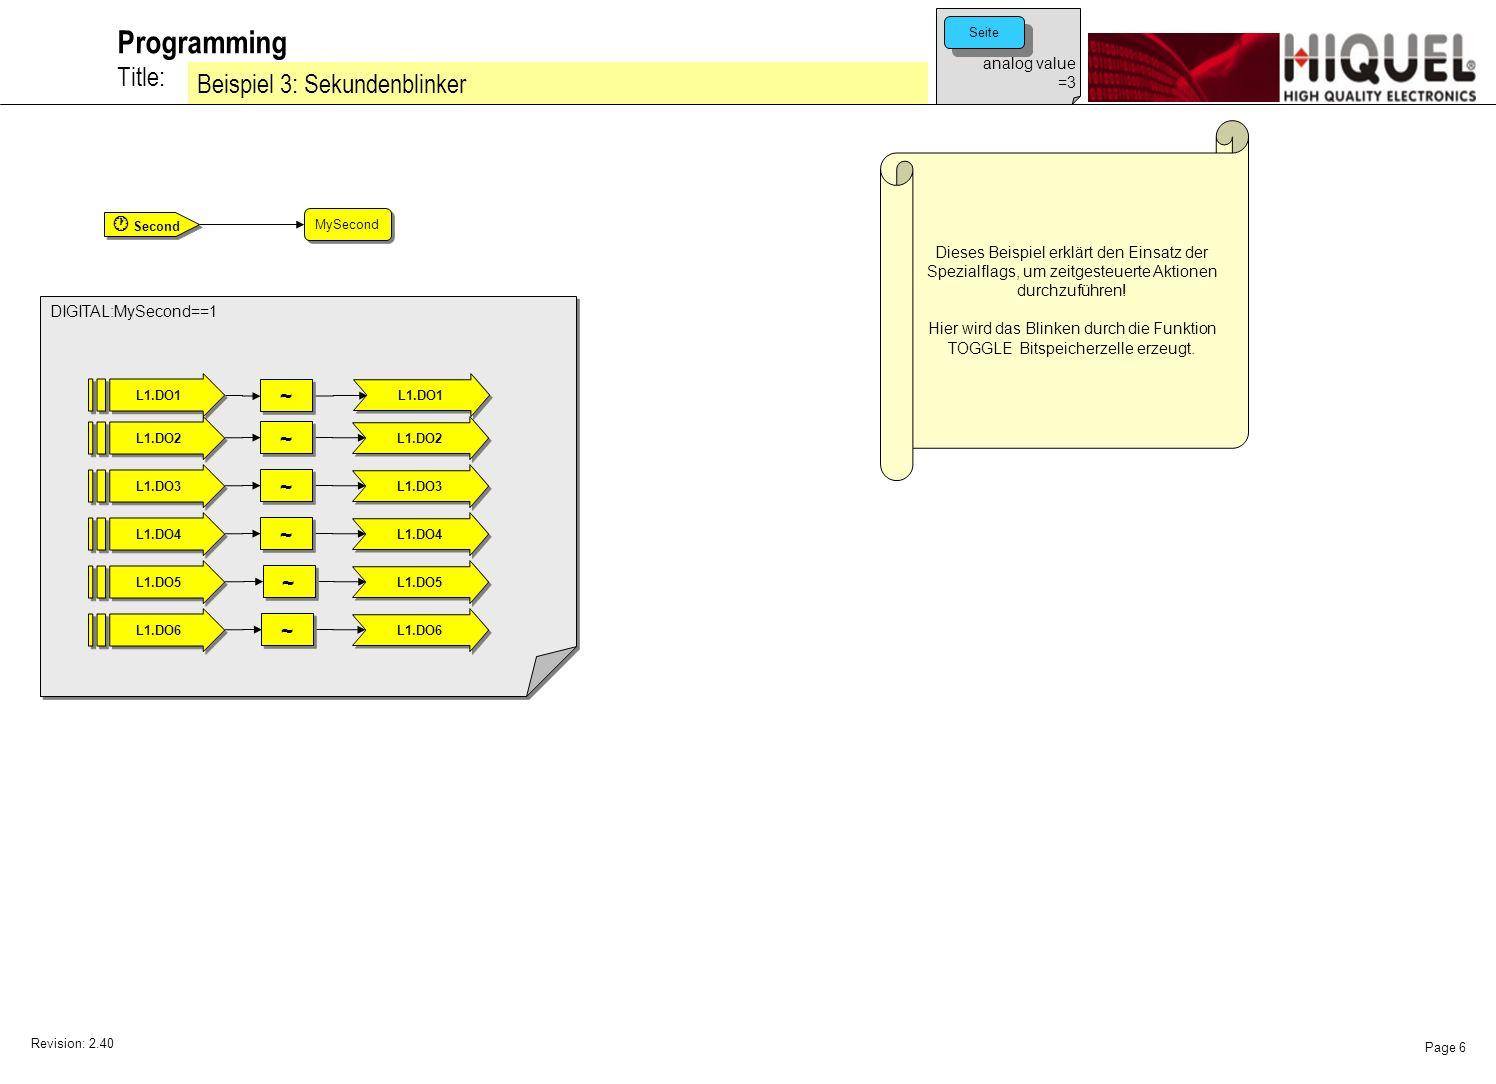 Revision: 2.40 Page 7 Title: Programming Beispiel 4: Einschaltverzögerung Dieses Beispiel erklärt den Einsatz eines Timerobjektes, um zeitgesteuerte Aktionen durchzuführen.